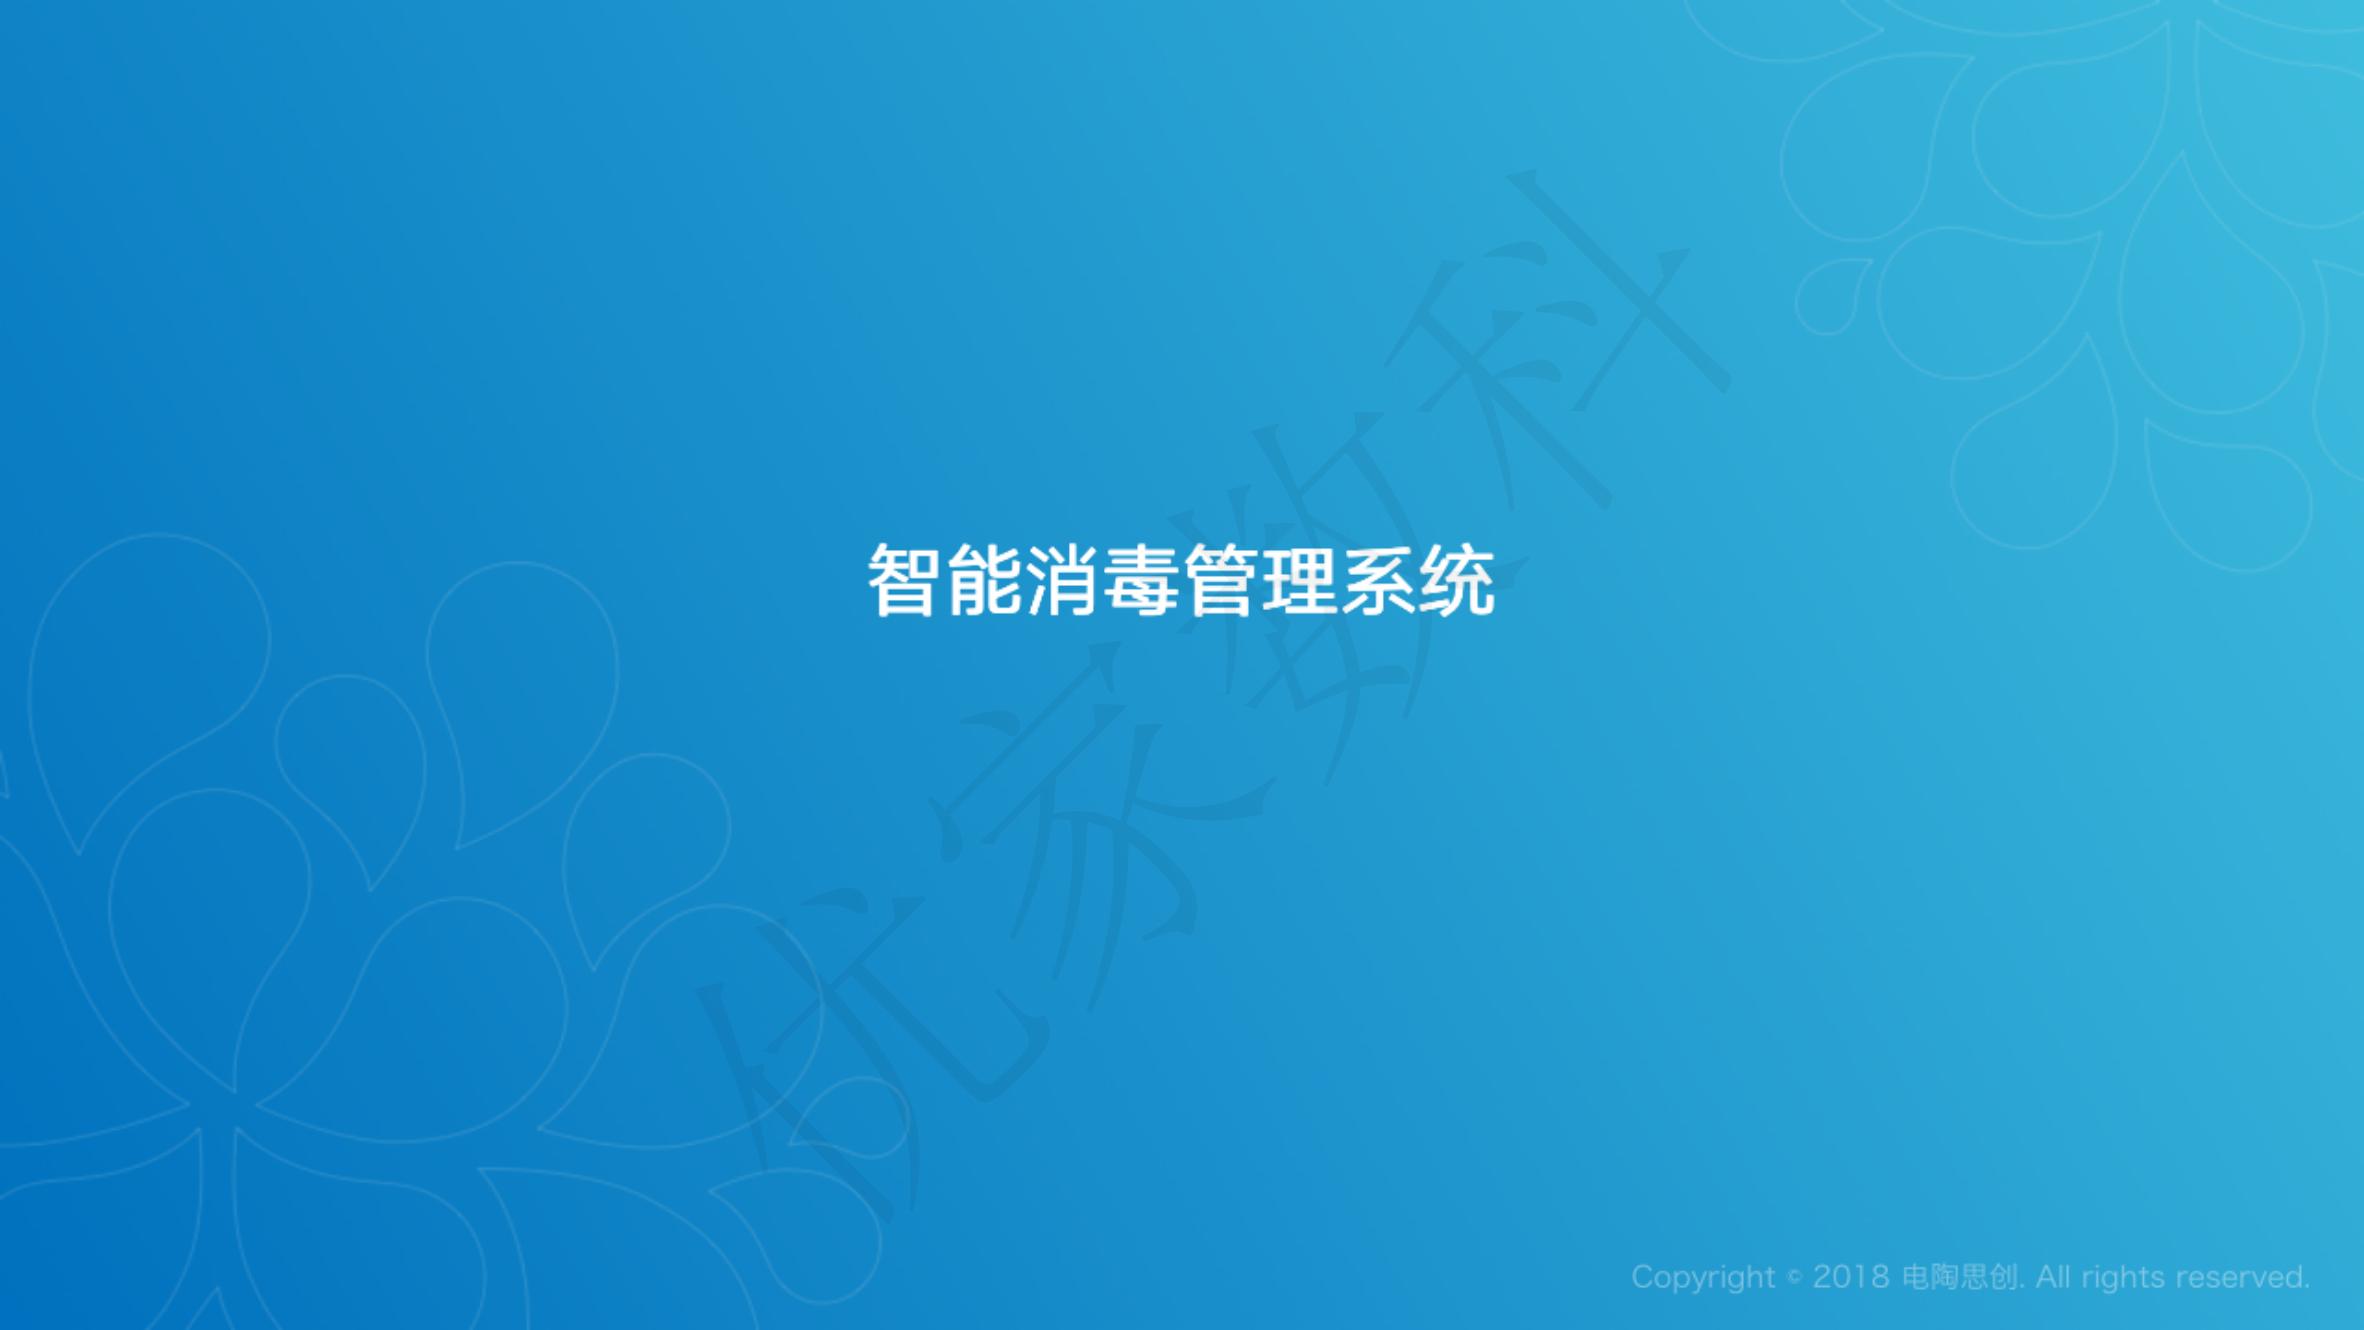 6优家数科智能消毒管理系统(水印)_01.png